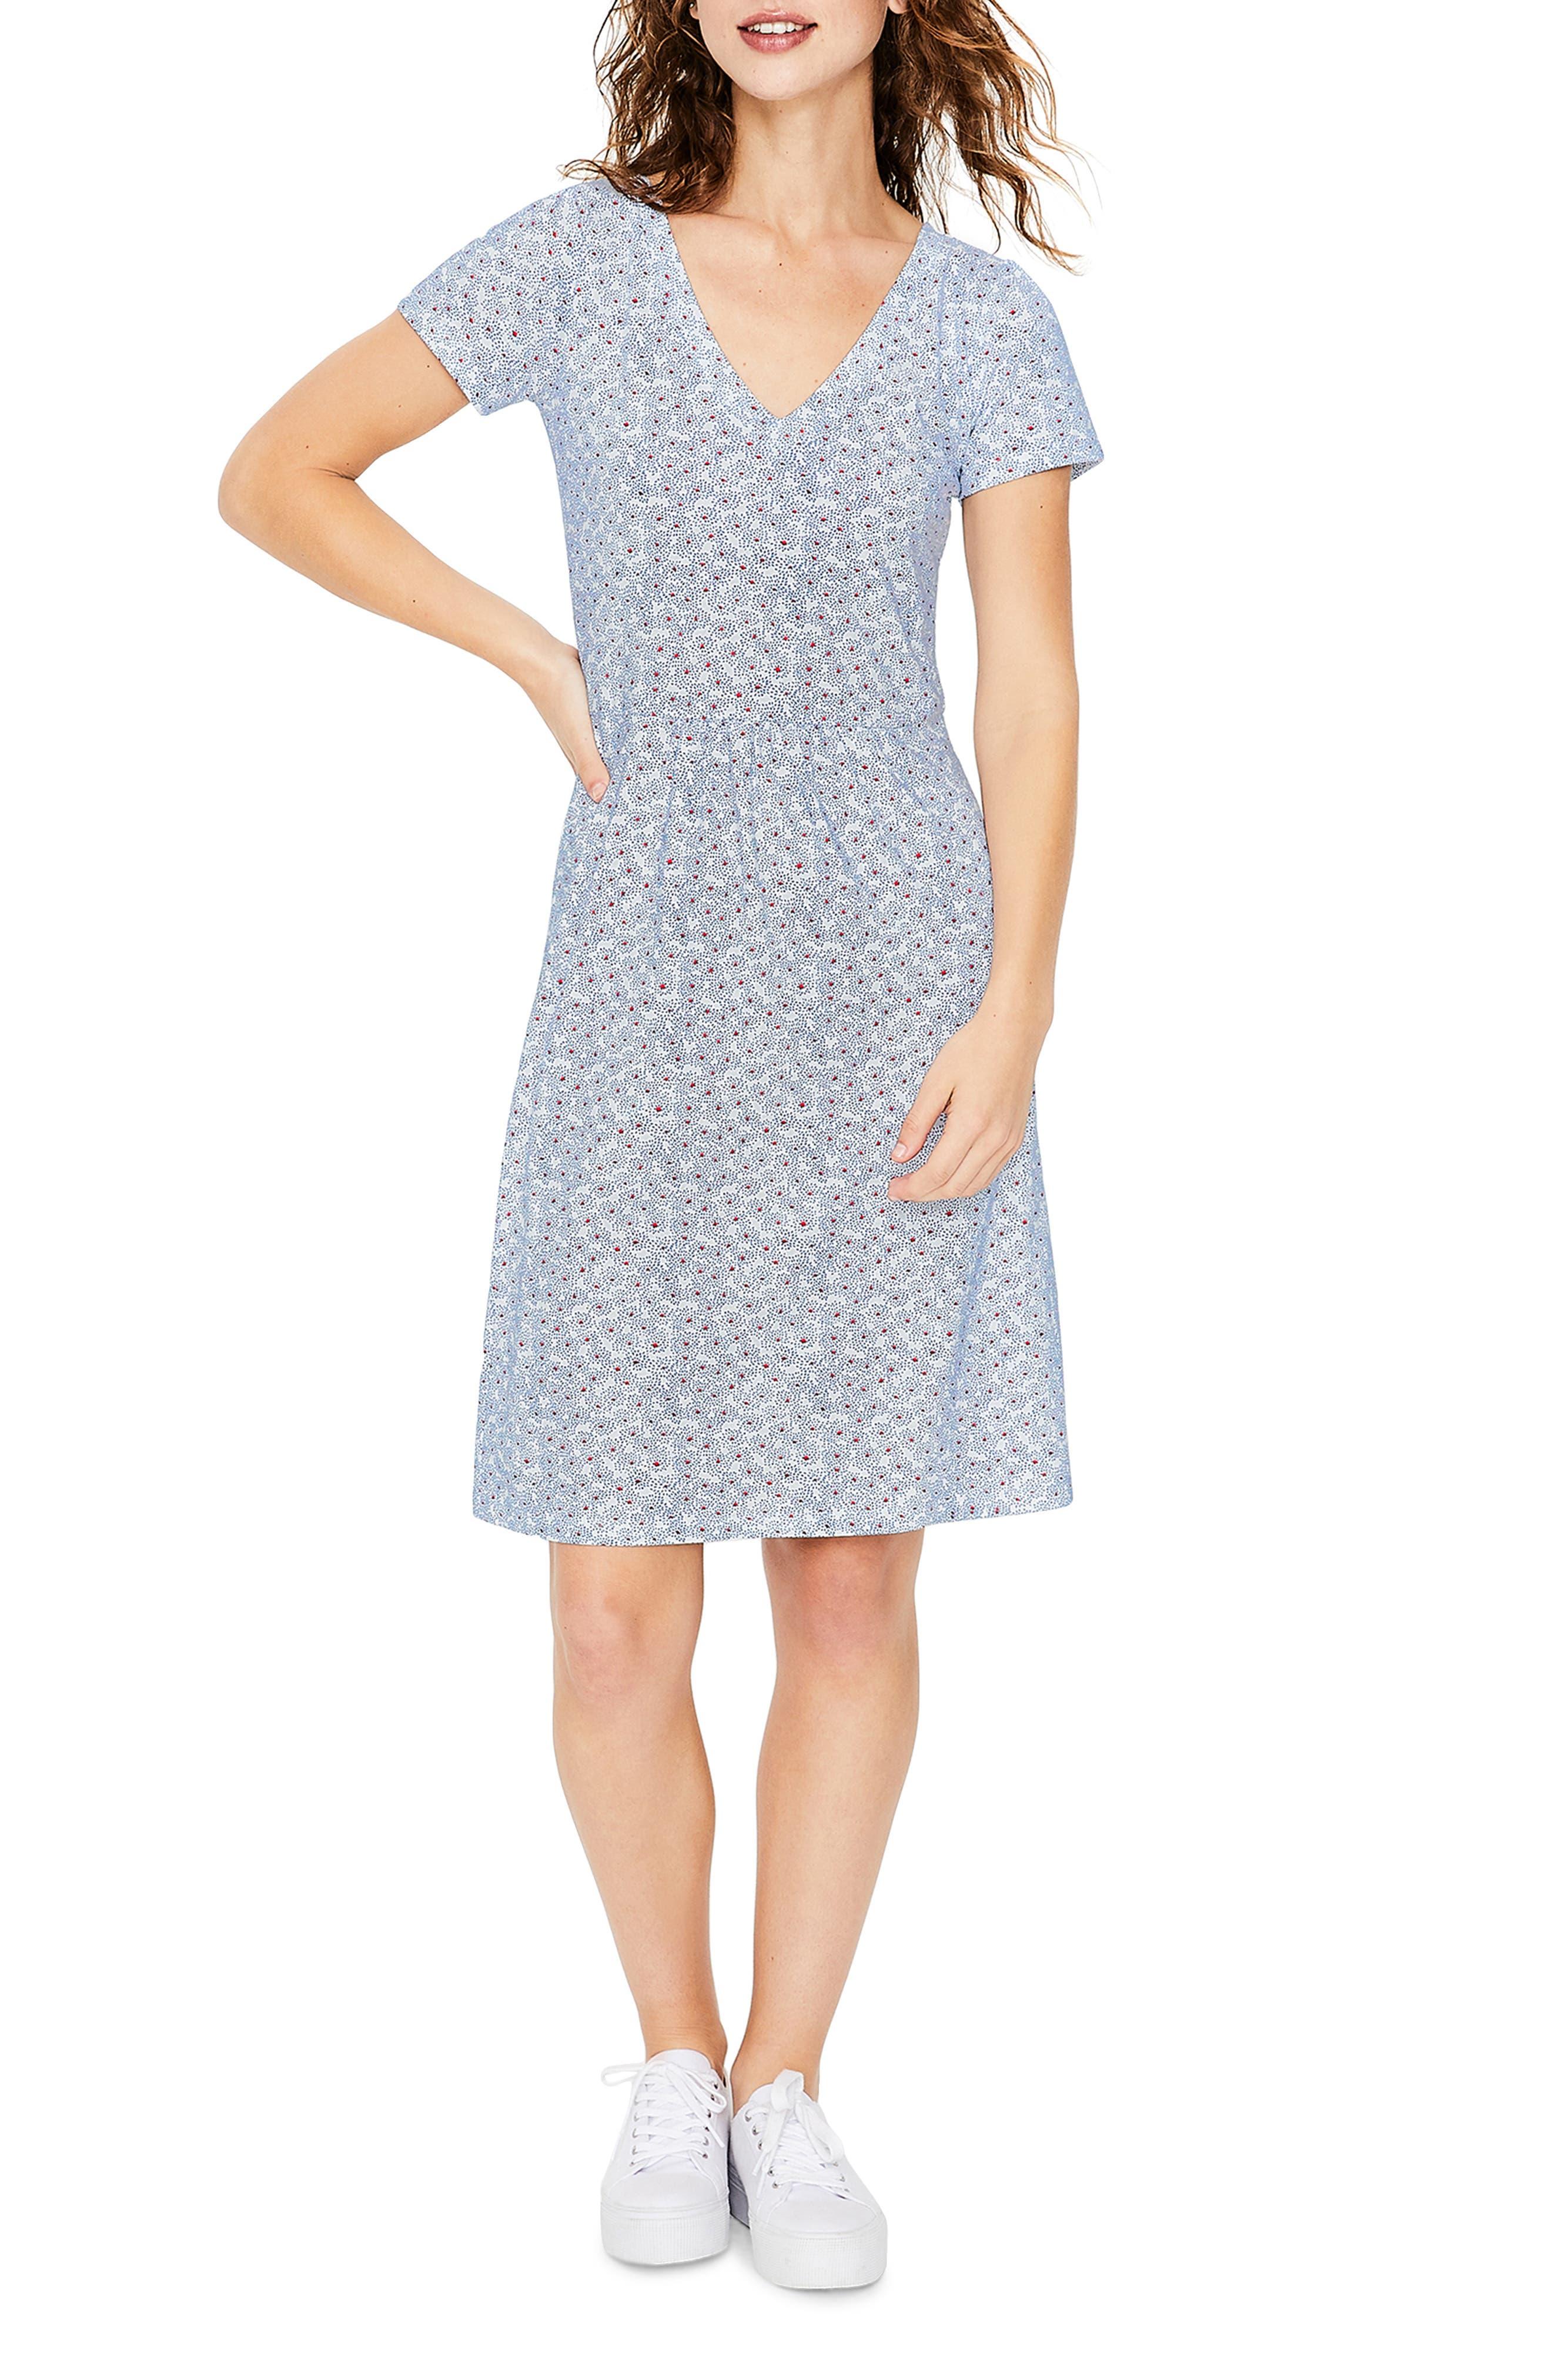 Petite Boden Penelope Jersey Dress, Ivory